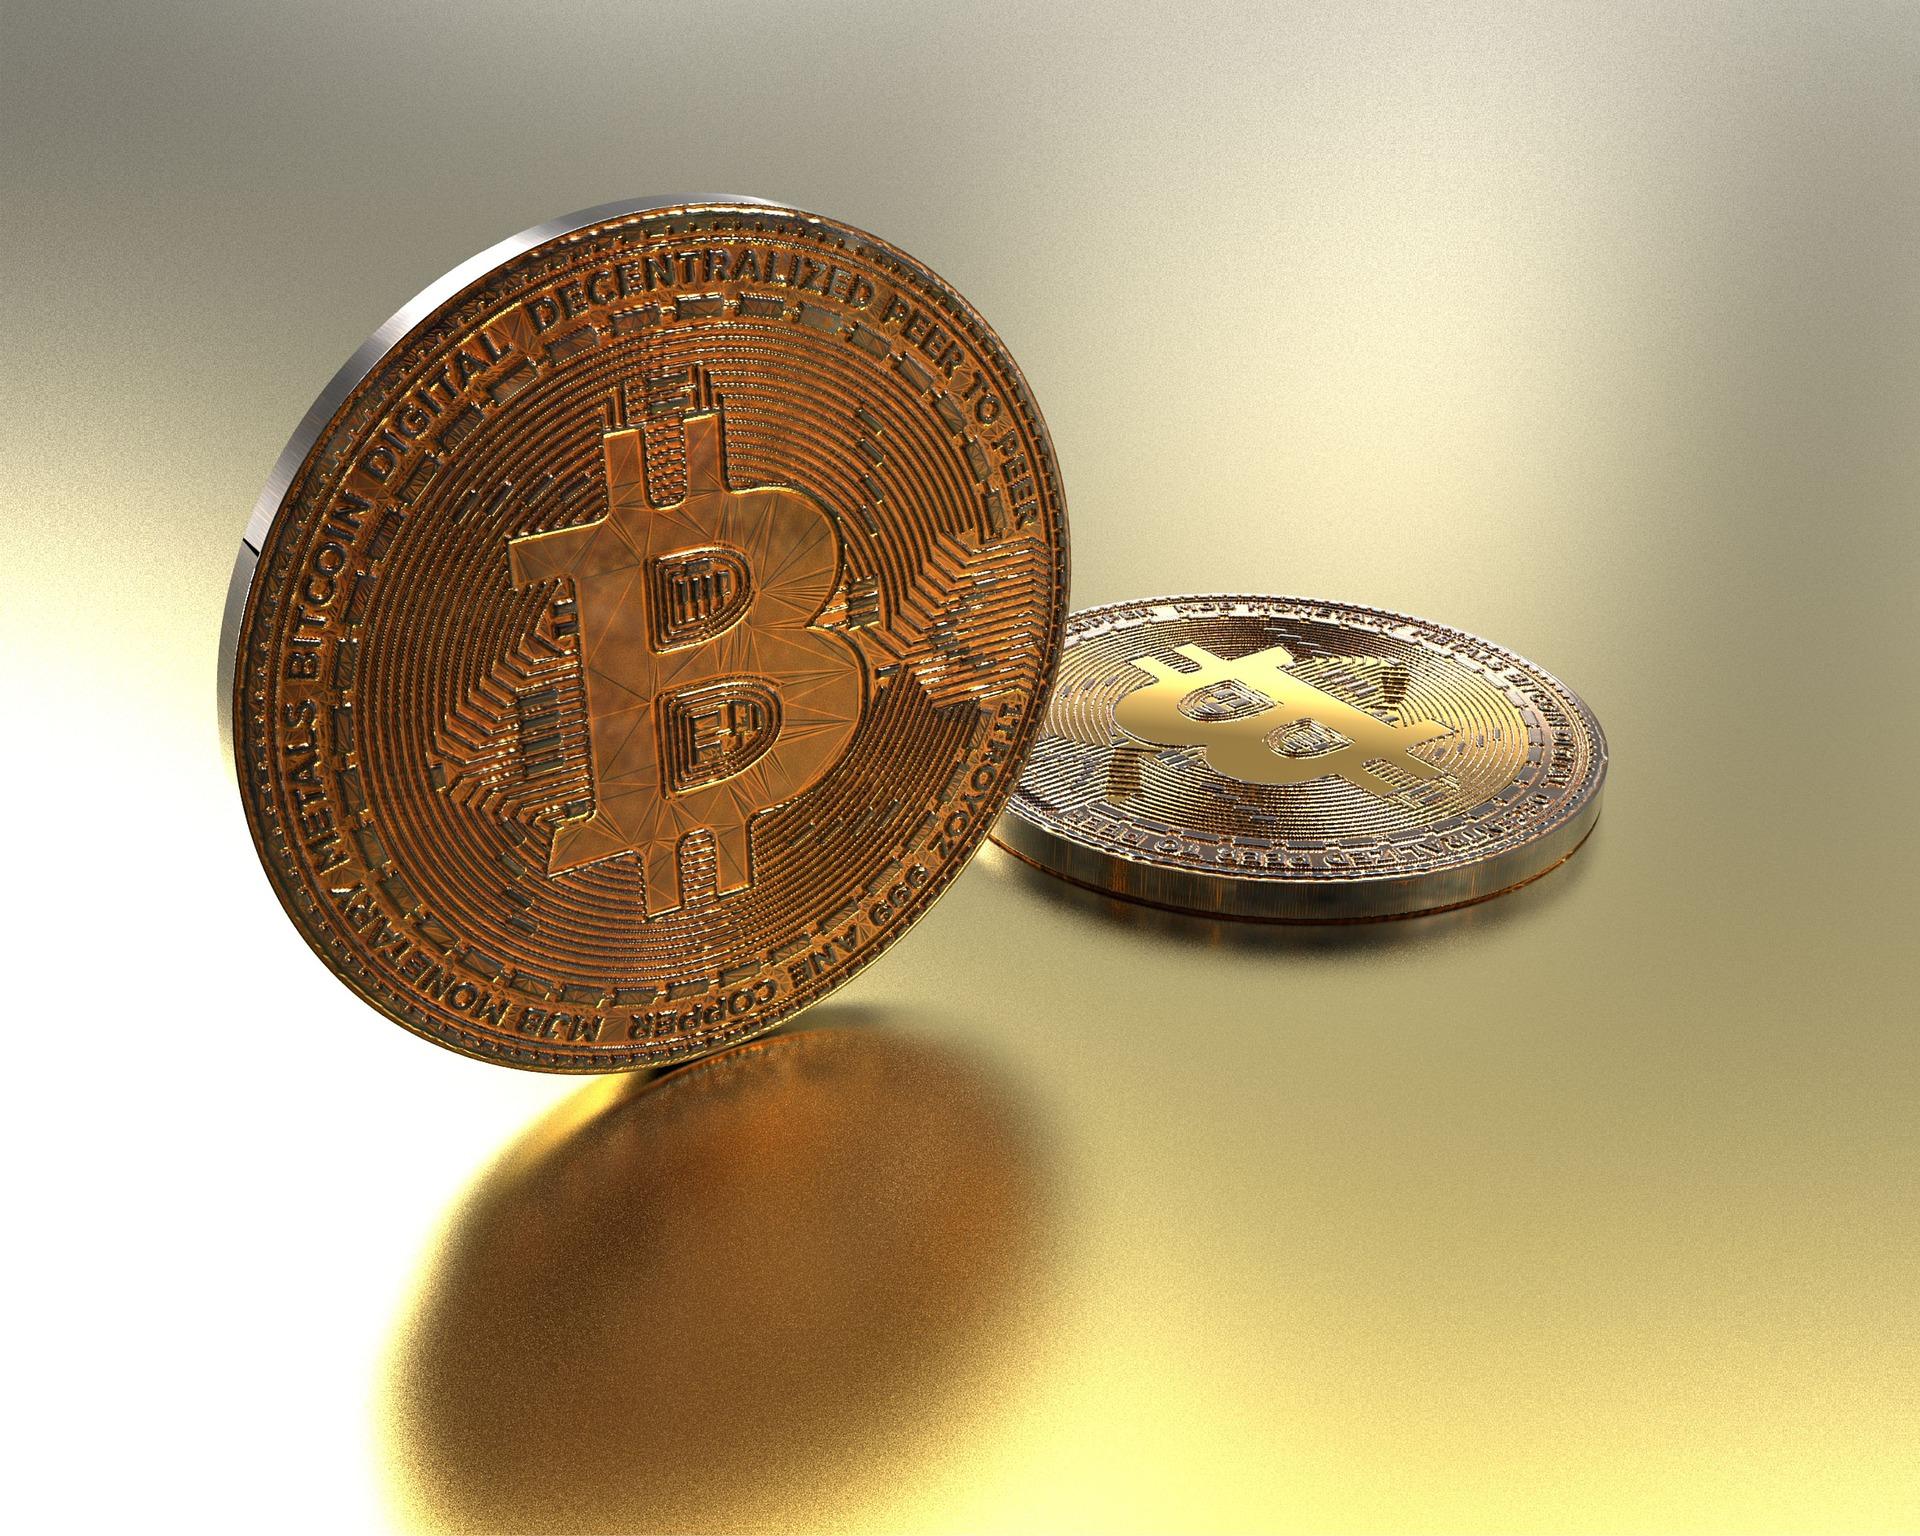 Ahora que las criptomonedas se están generalizando, ¿cómo se simplifica la compra de monedas digitales?